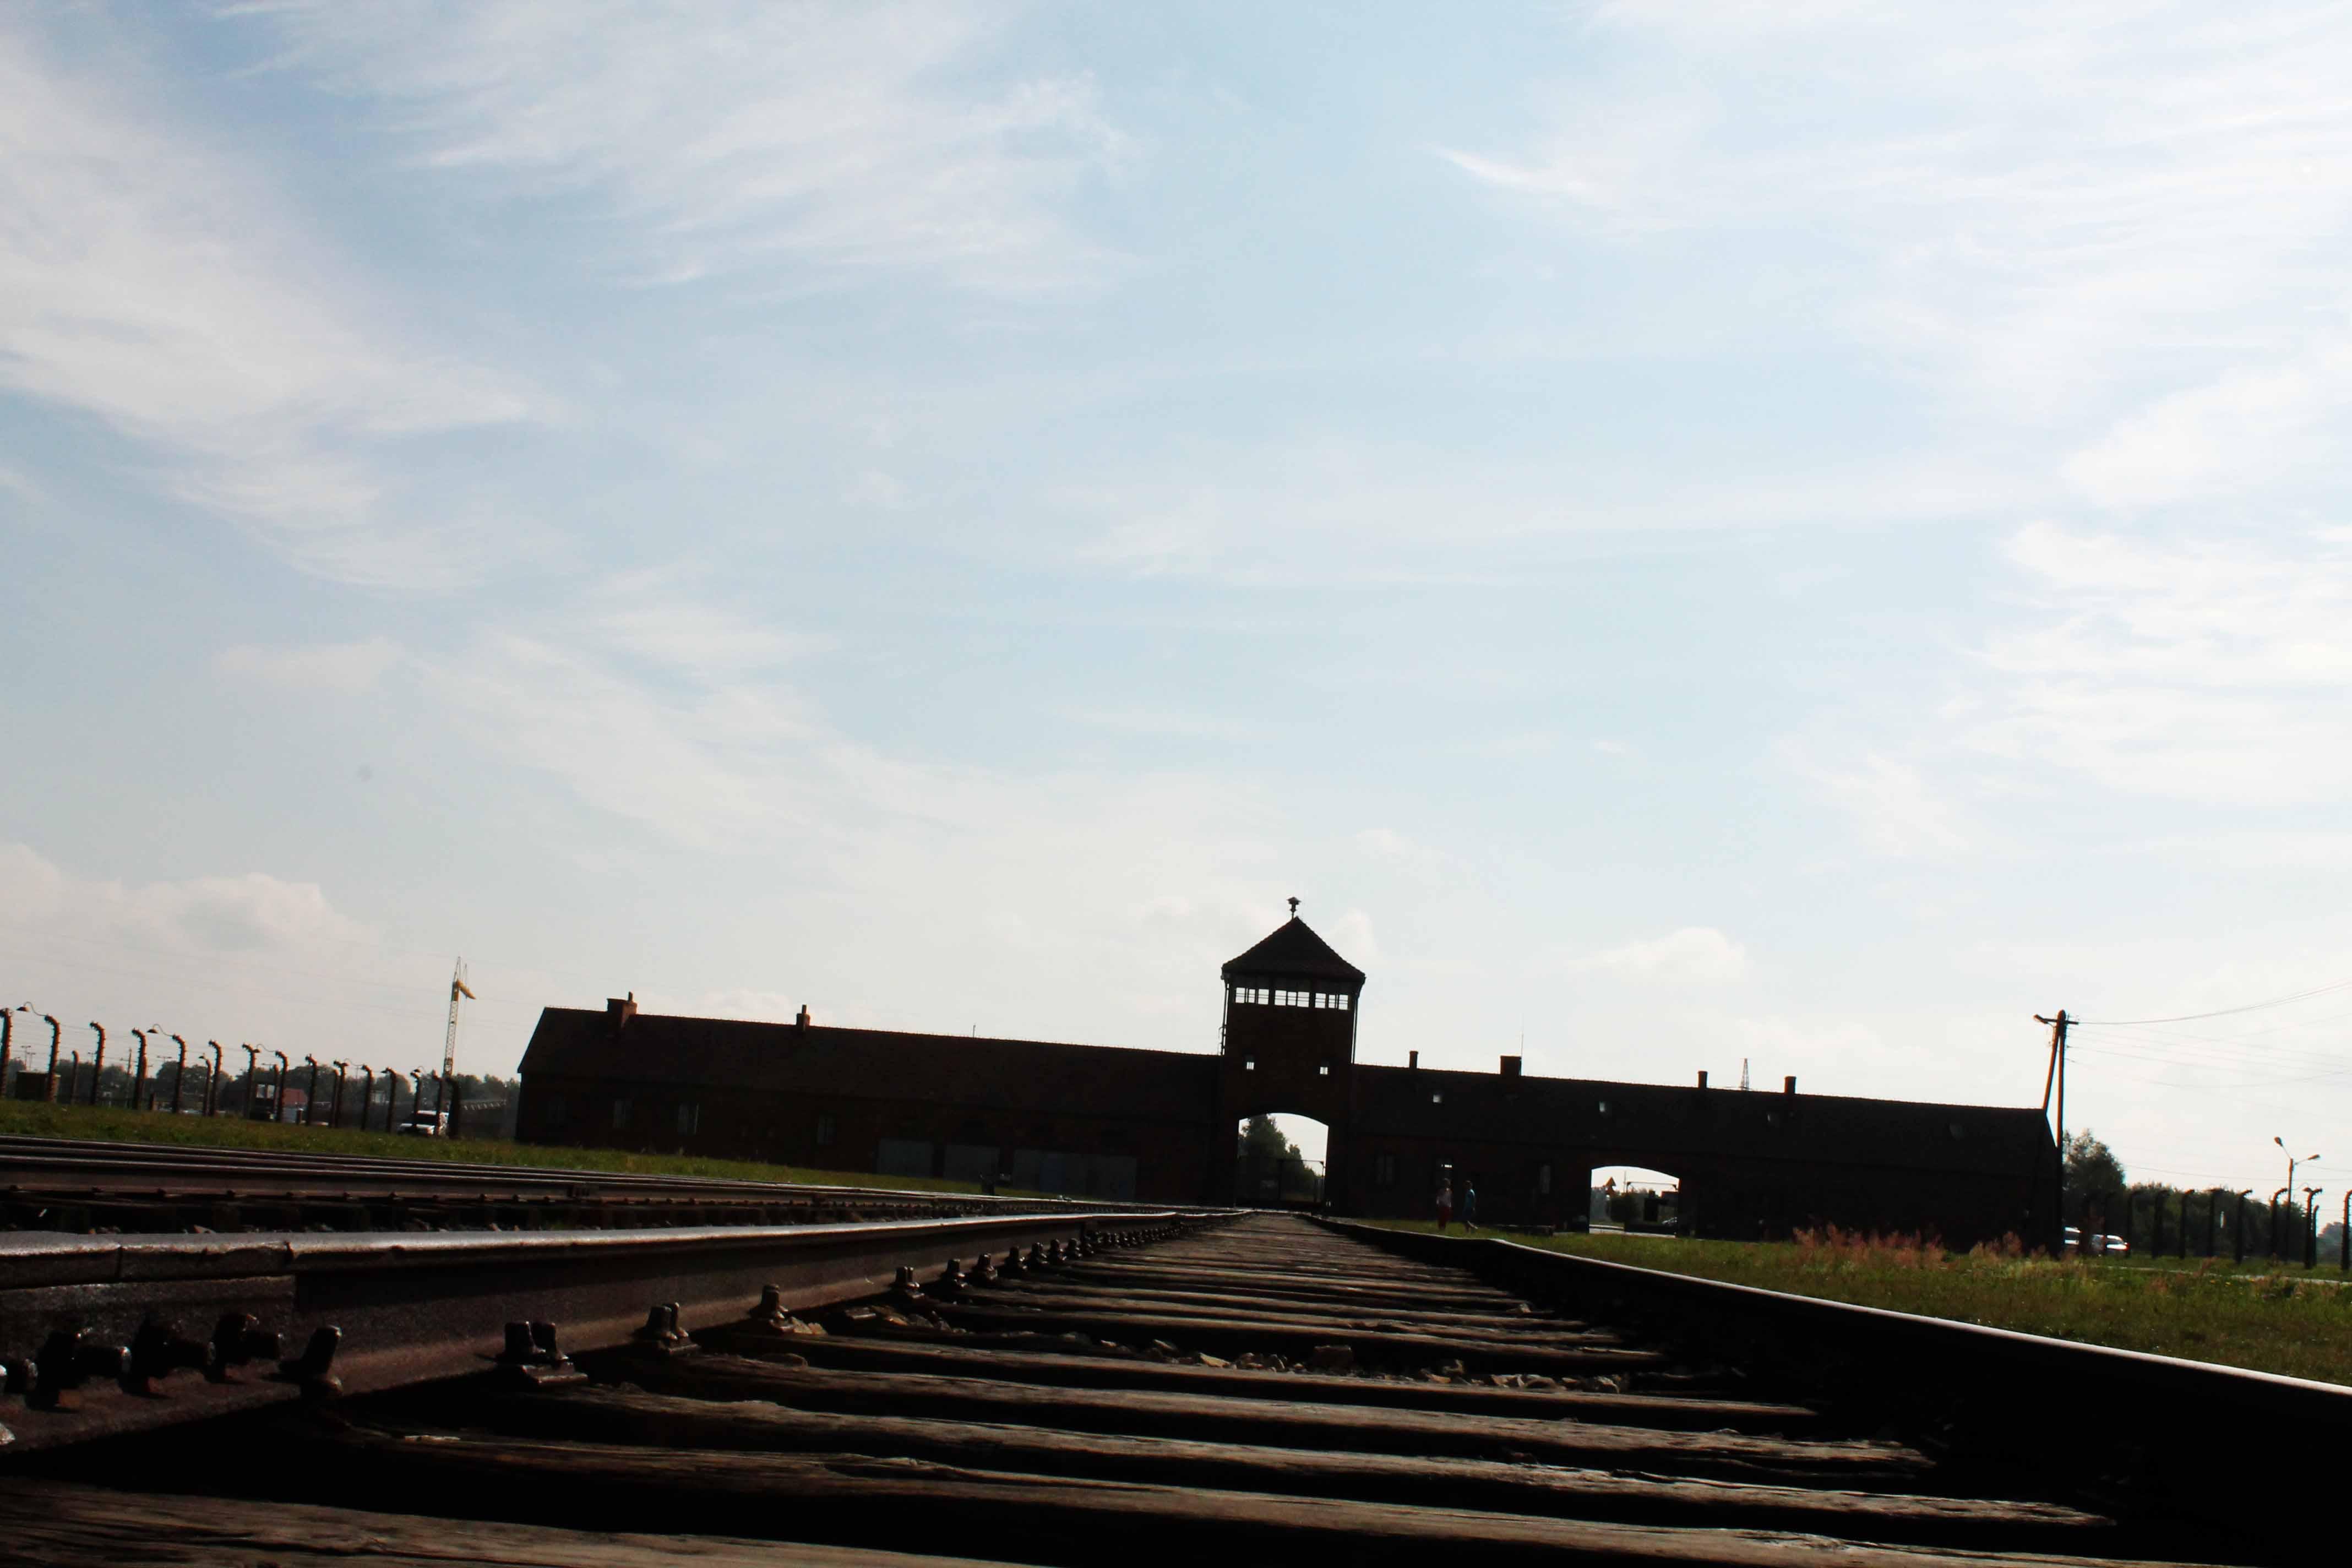 Der Einfahrt ins größte deutsche Vernichtungslager der NS-Zeit